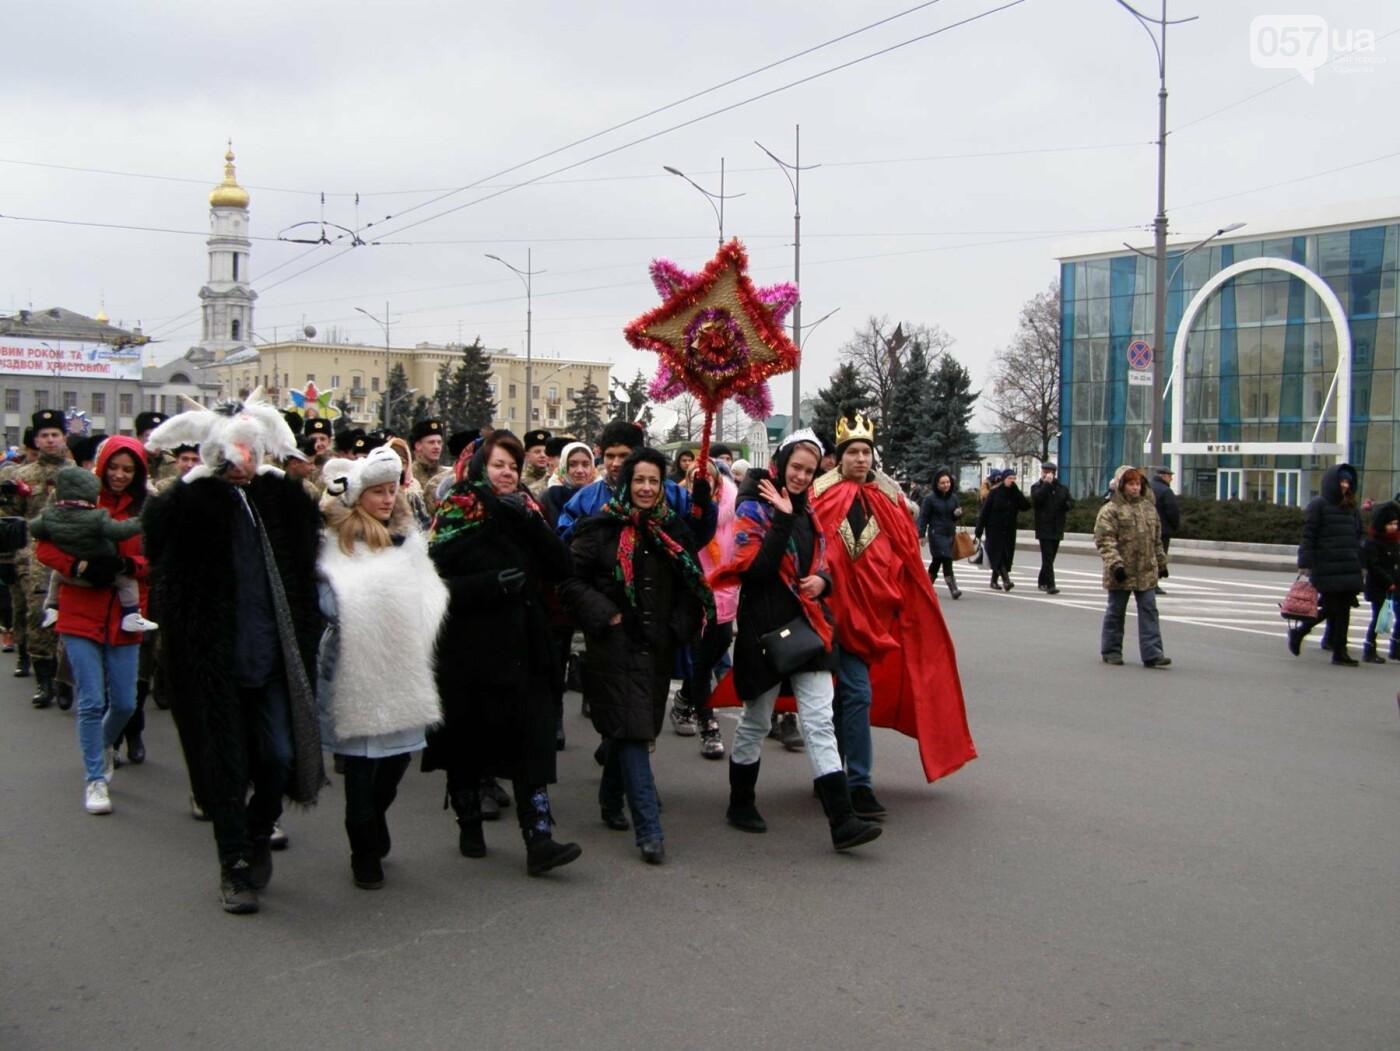 Харьков заполонили ангелы, козы и черти: в городе прошел масштабный фестиваль вертепов (ФОТО), фото-2